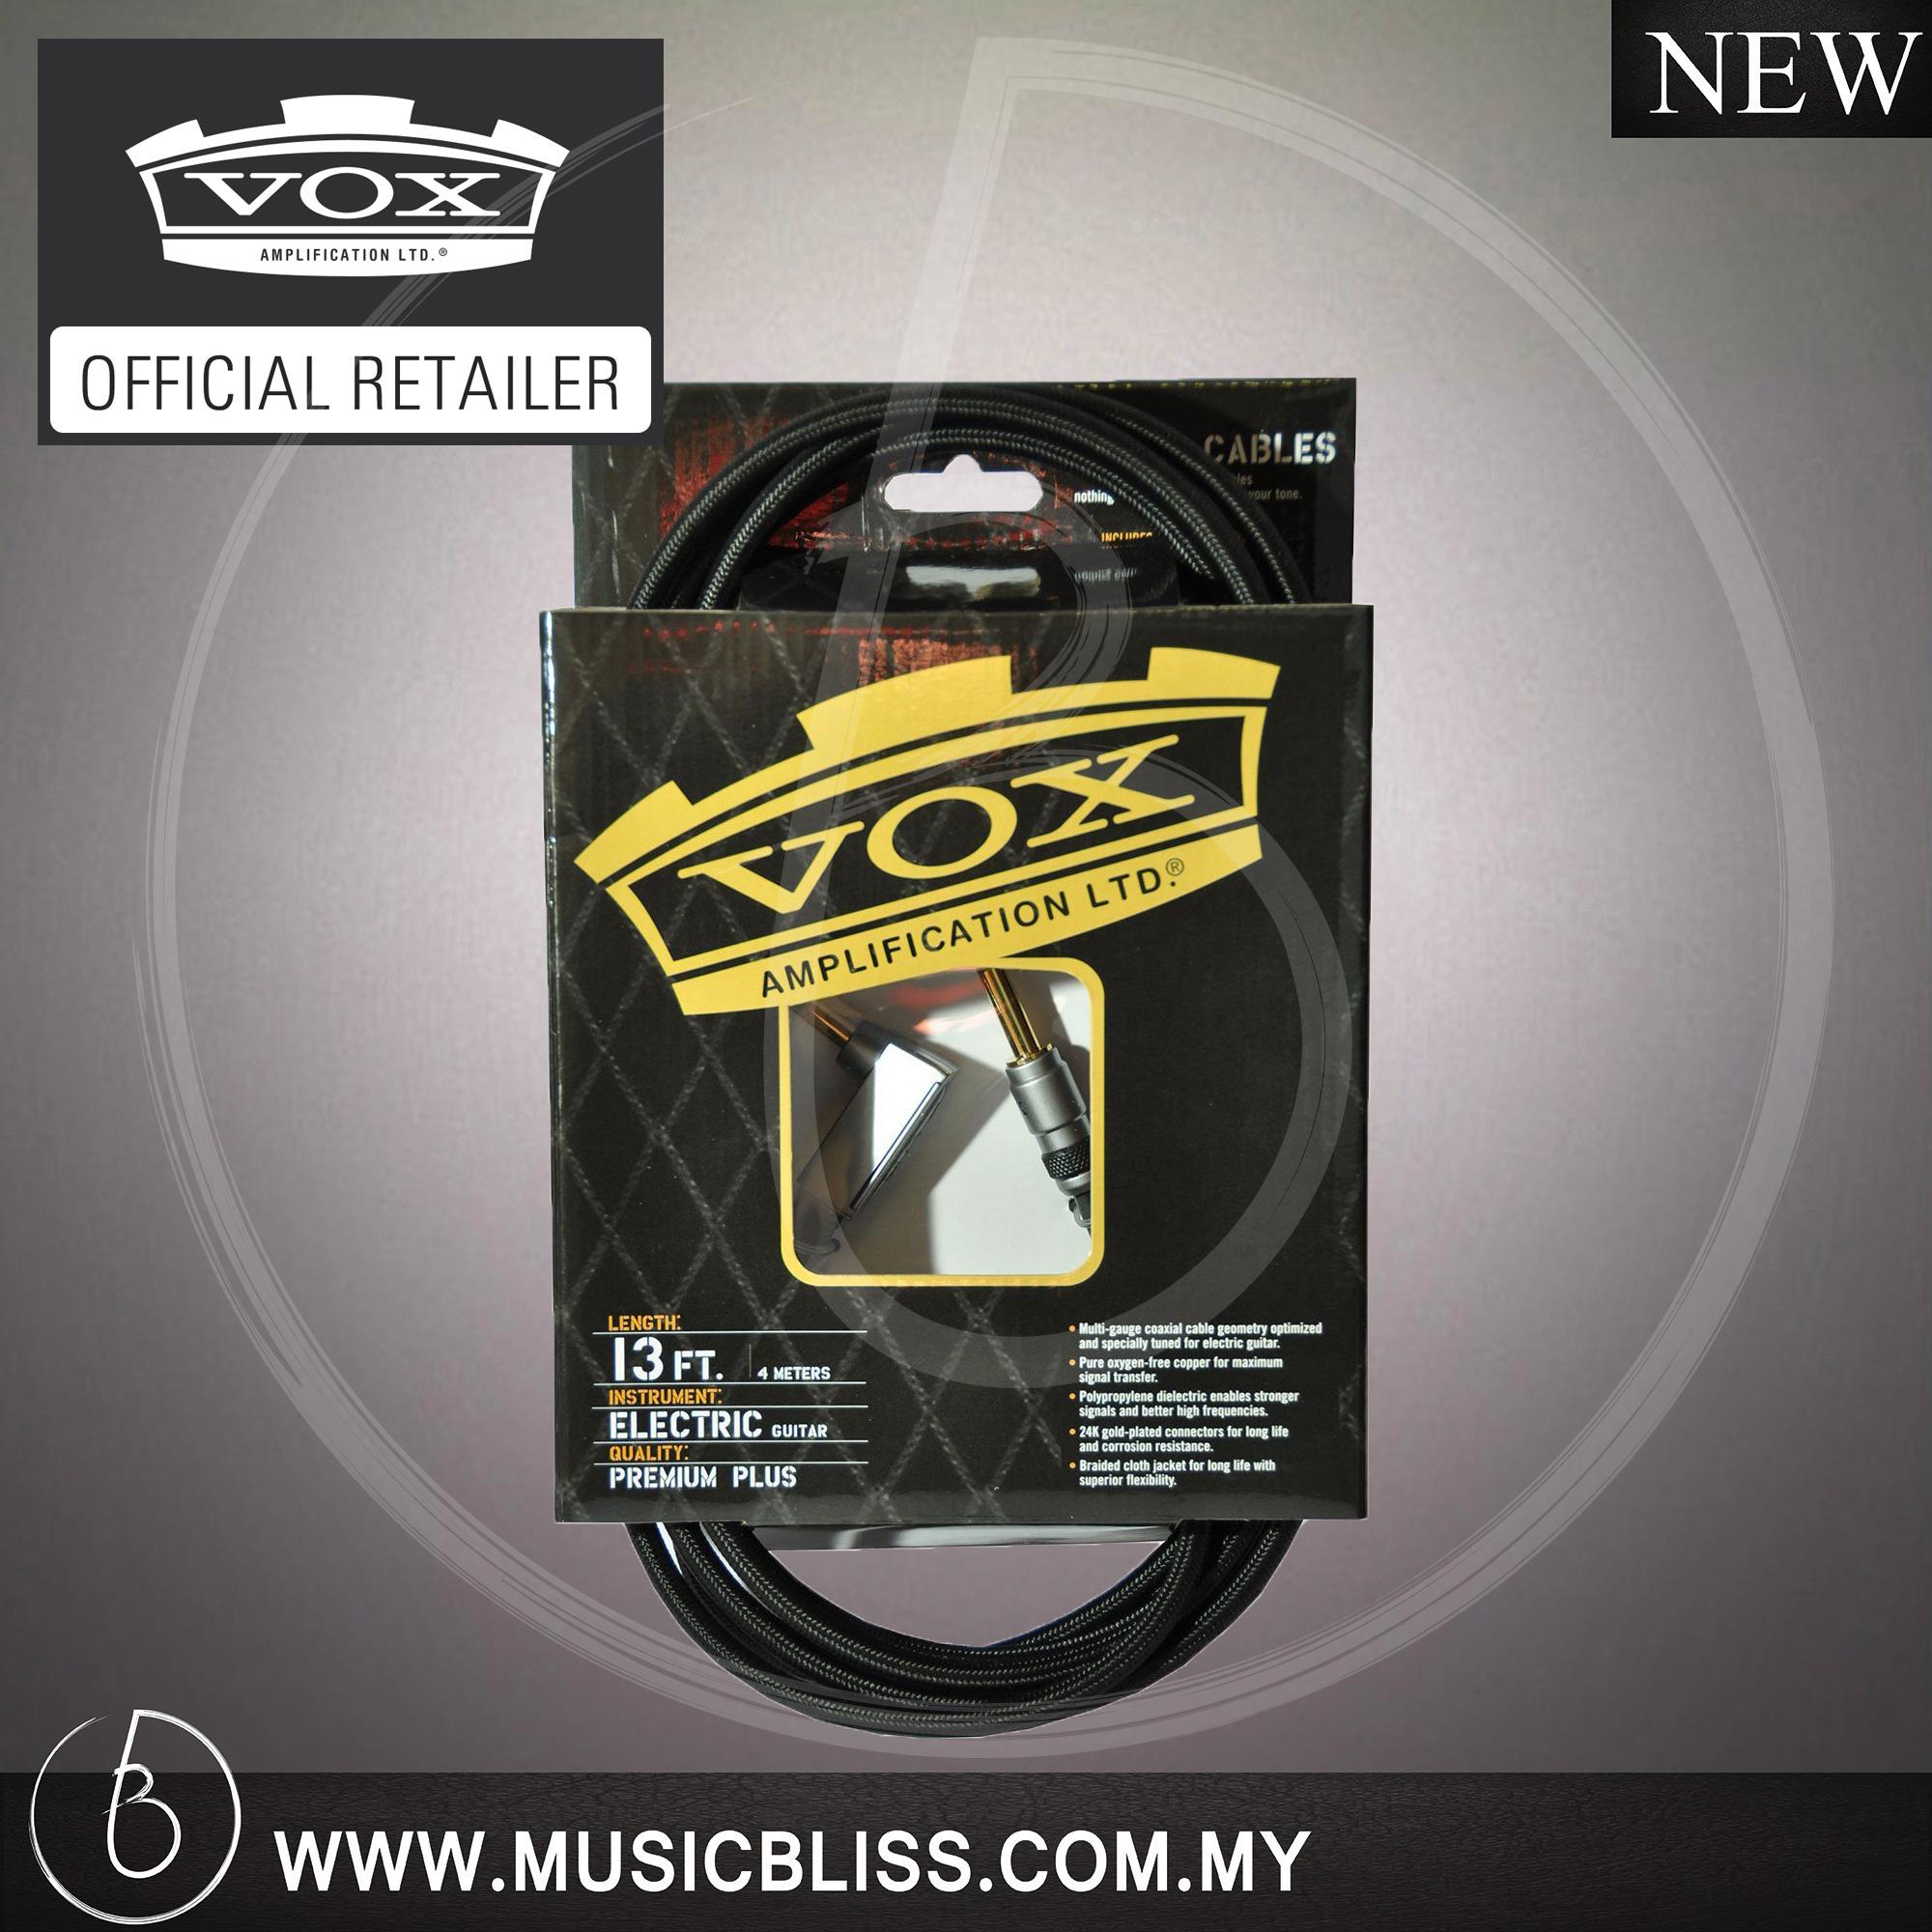 Vox VGC13 13ft Professional Guitar (end 6/22/2020 10:40 AM)